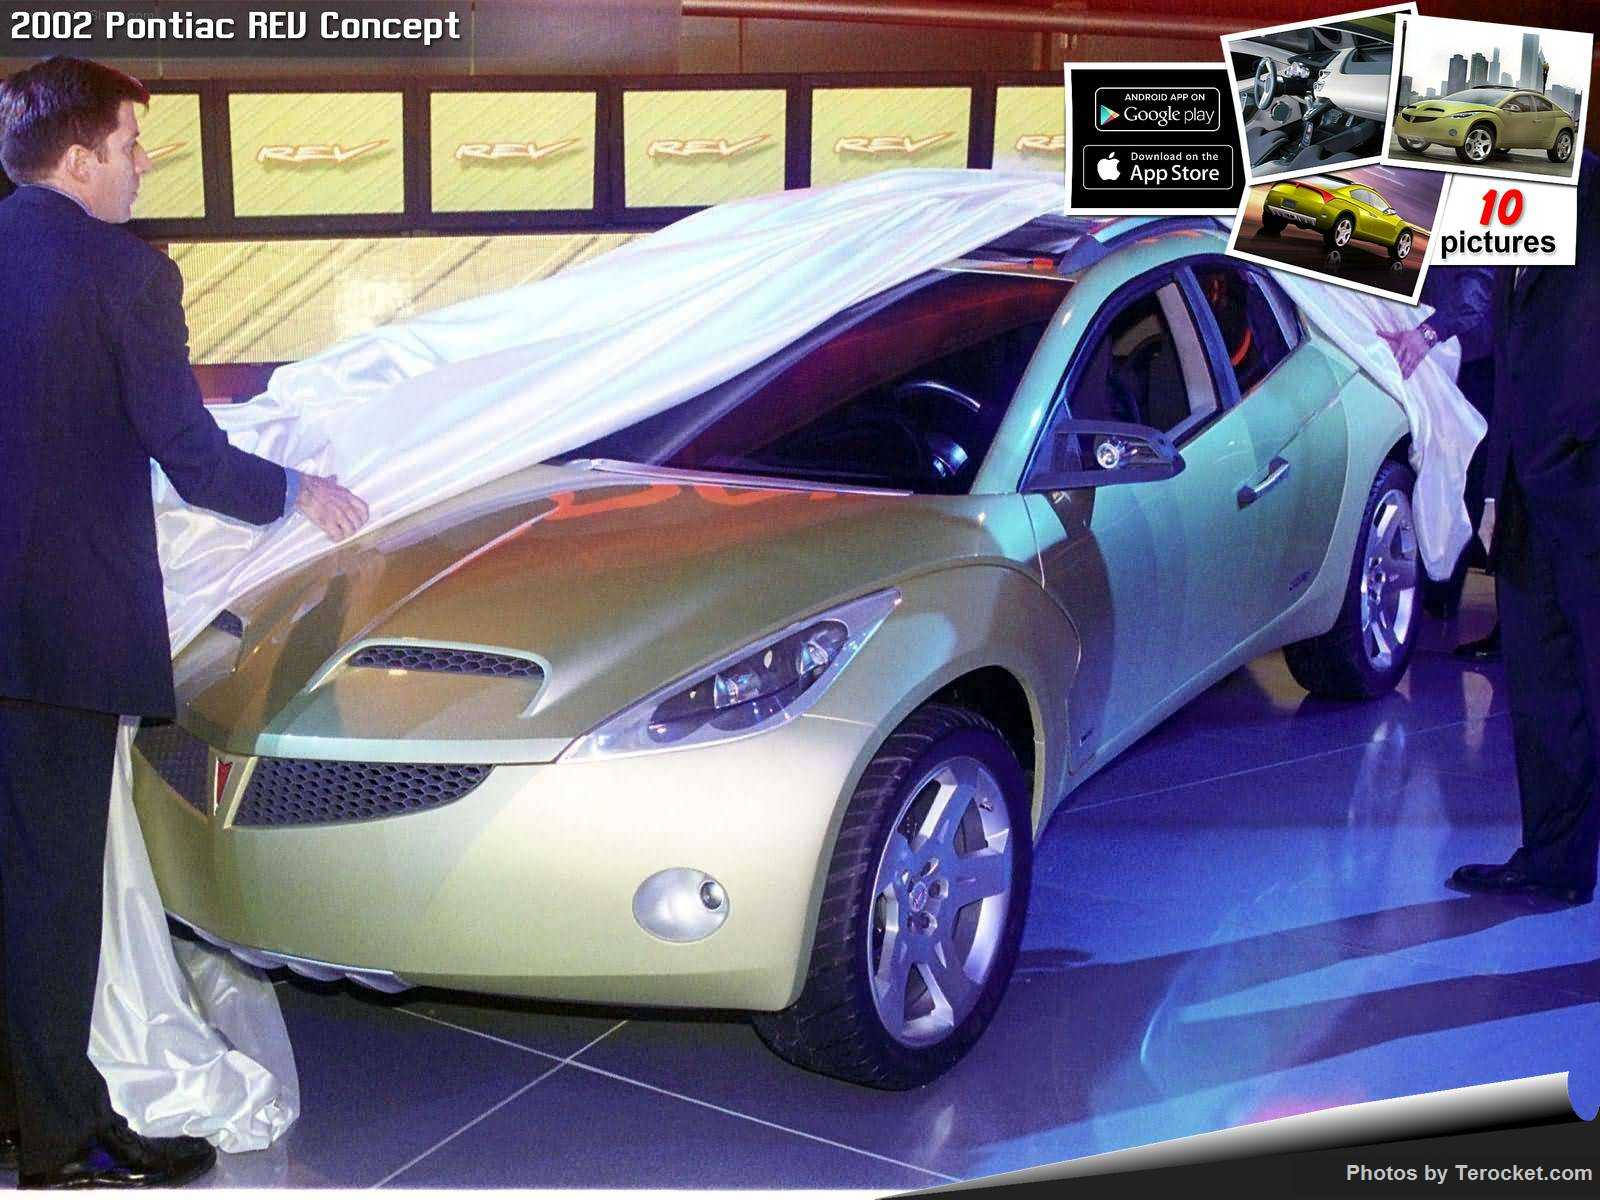 Hình ảnh xe ô tô Pontiac REV Concept 2002 & nội ngoại thất